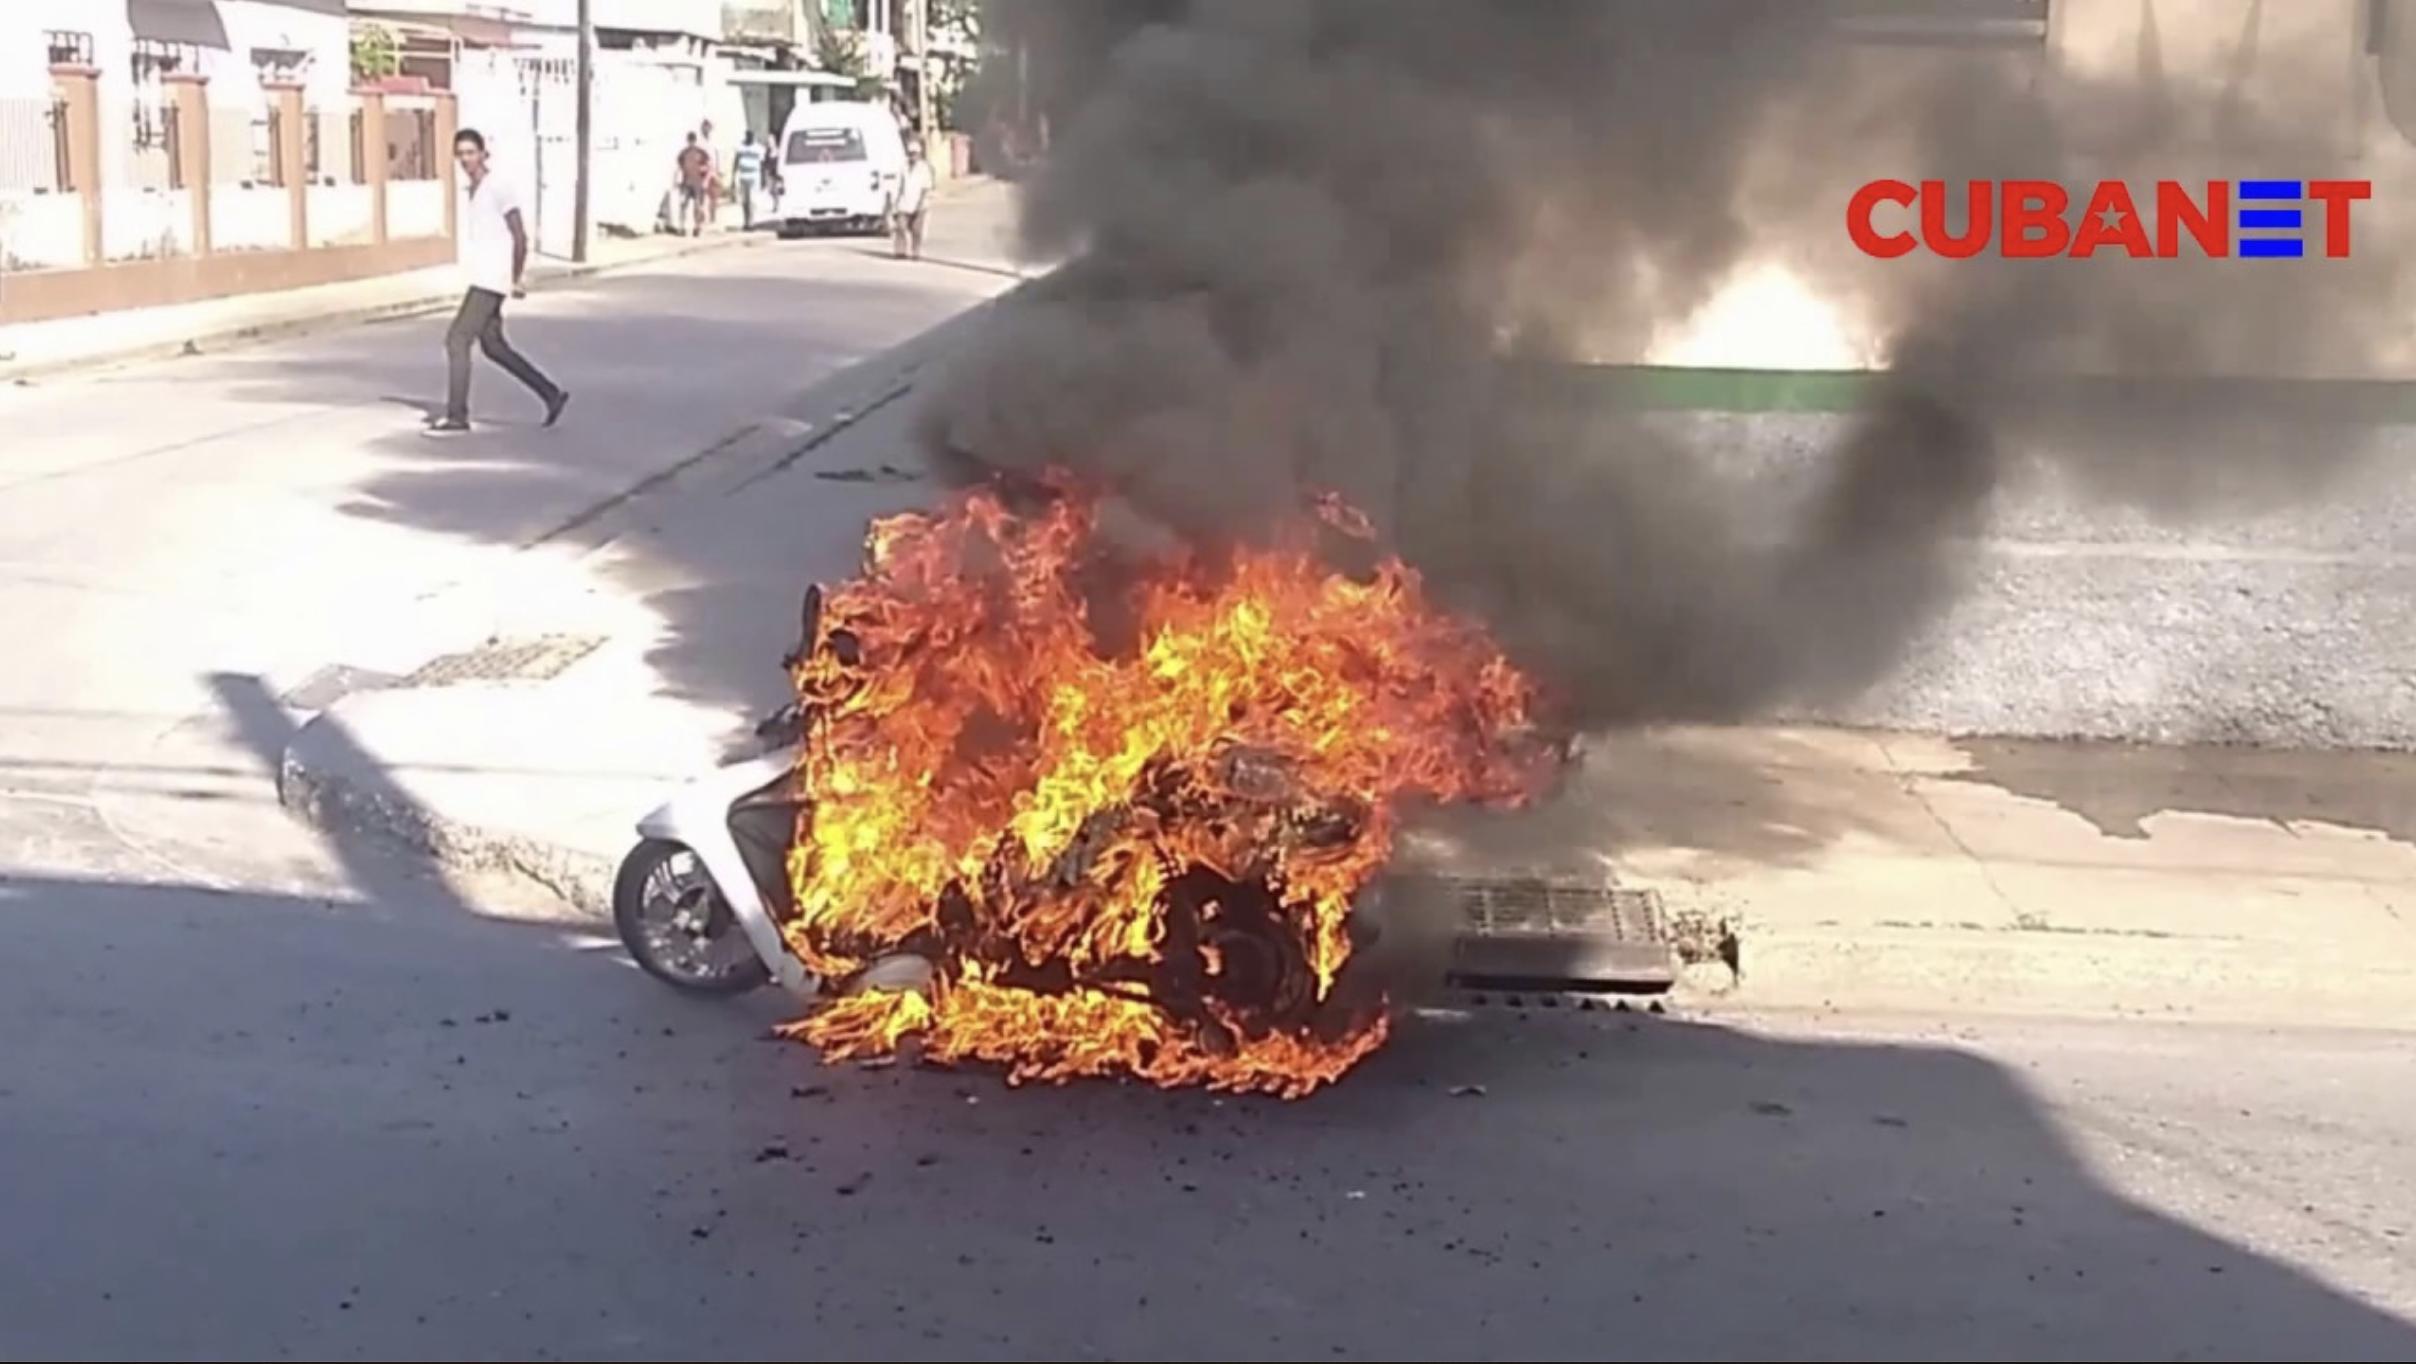 cuba: fallece una joven de 19 anos tras explosion de una moto electrica, su novio quedo en estado grave